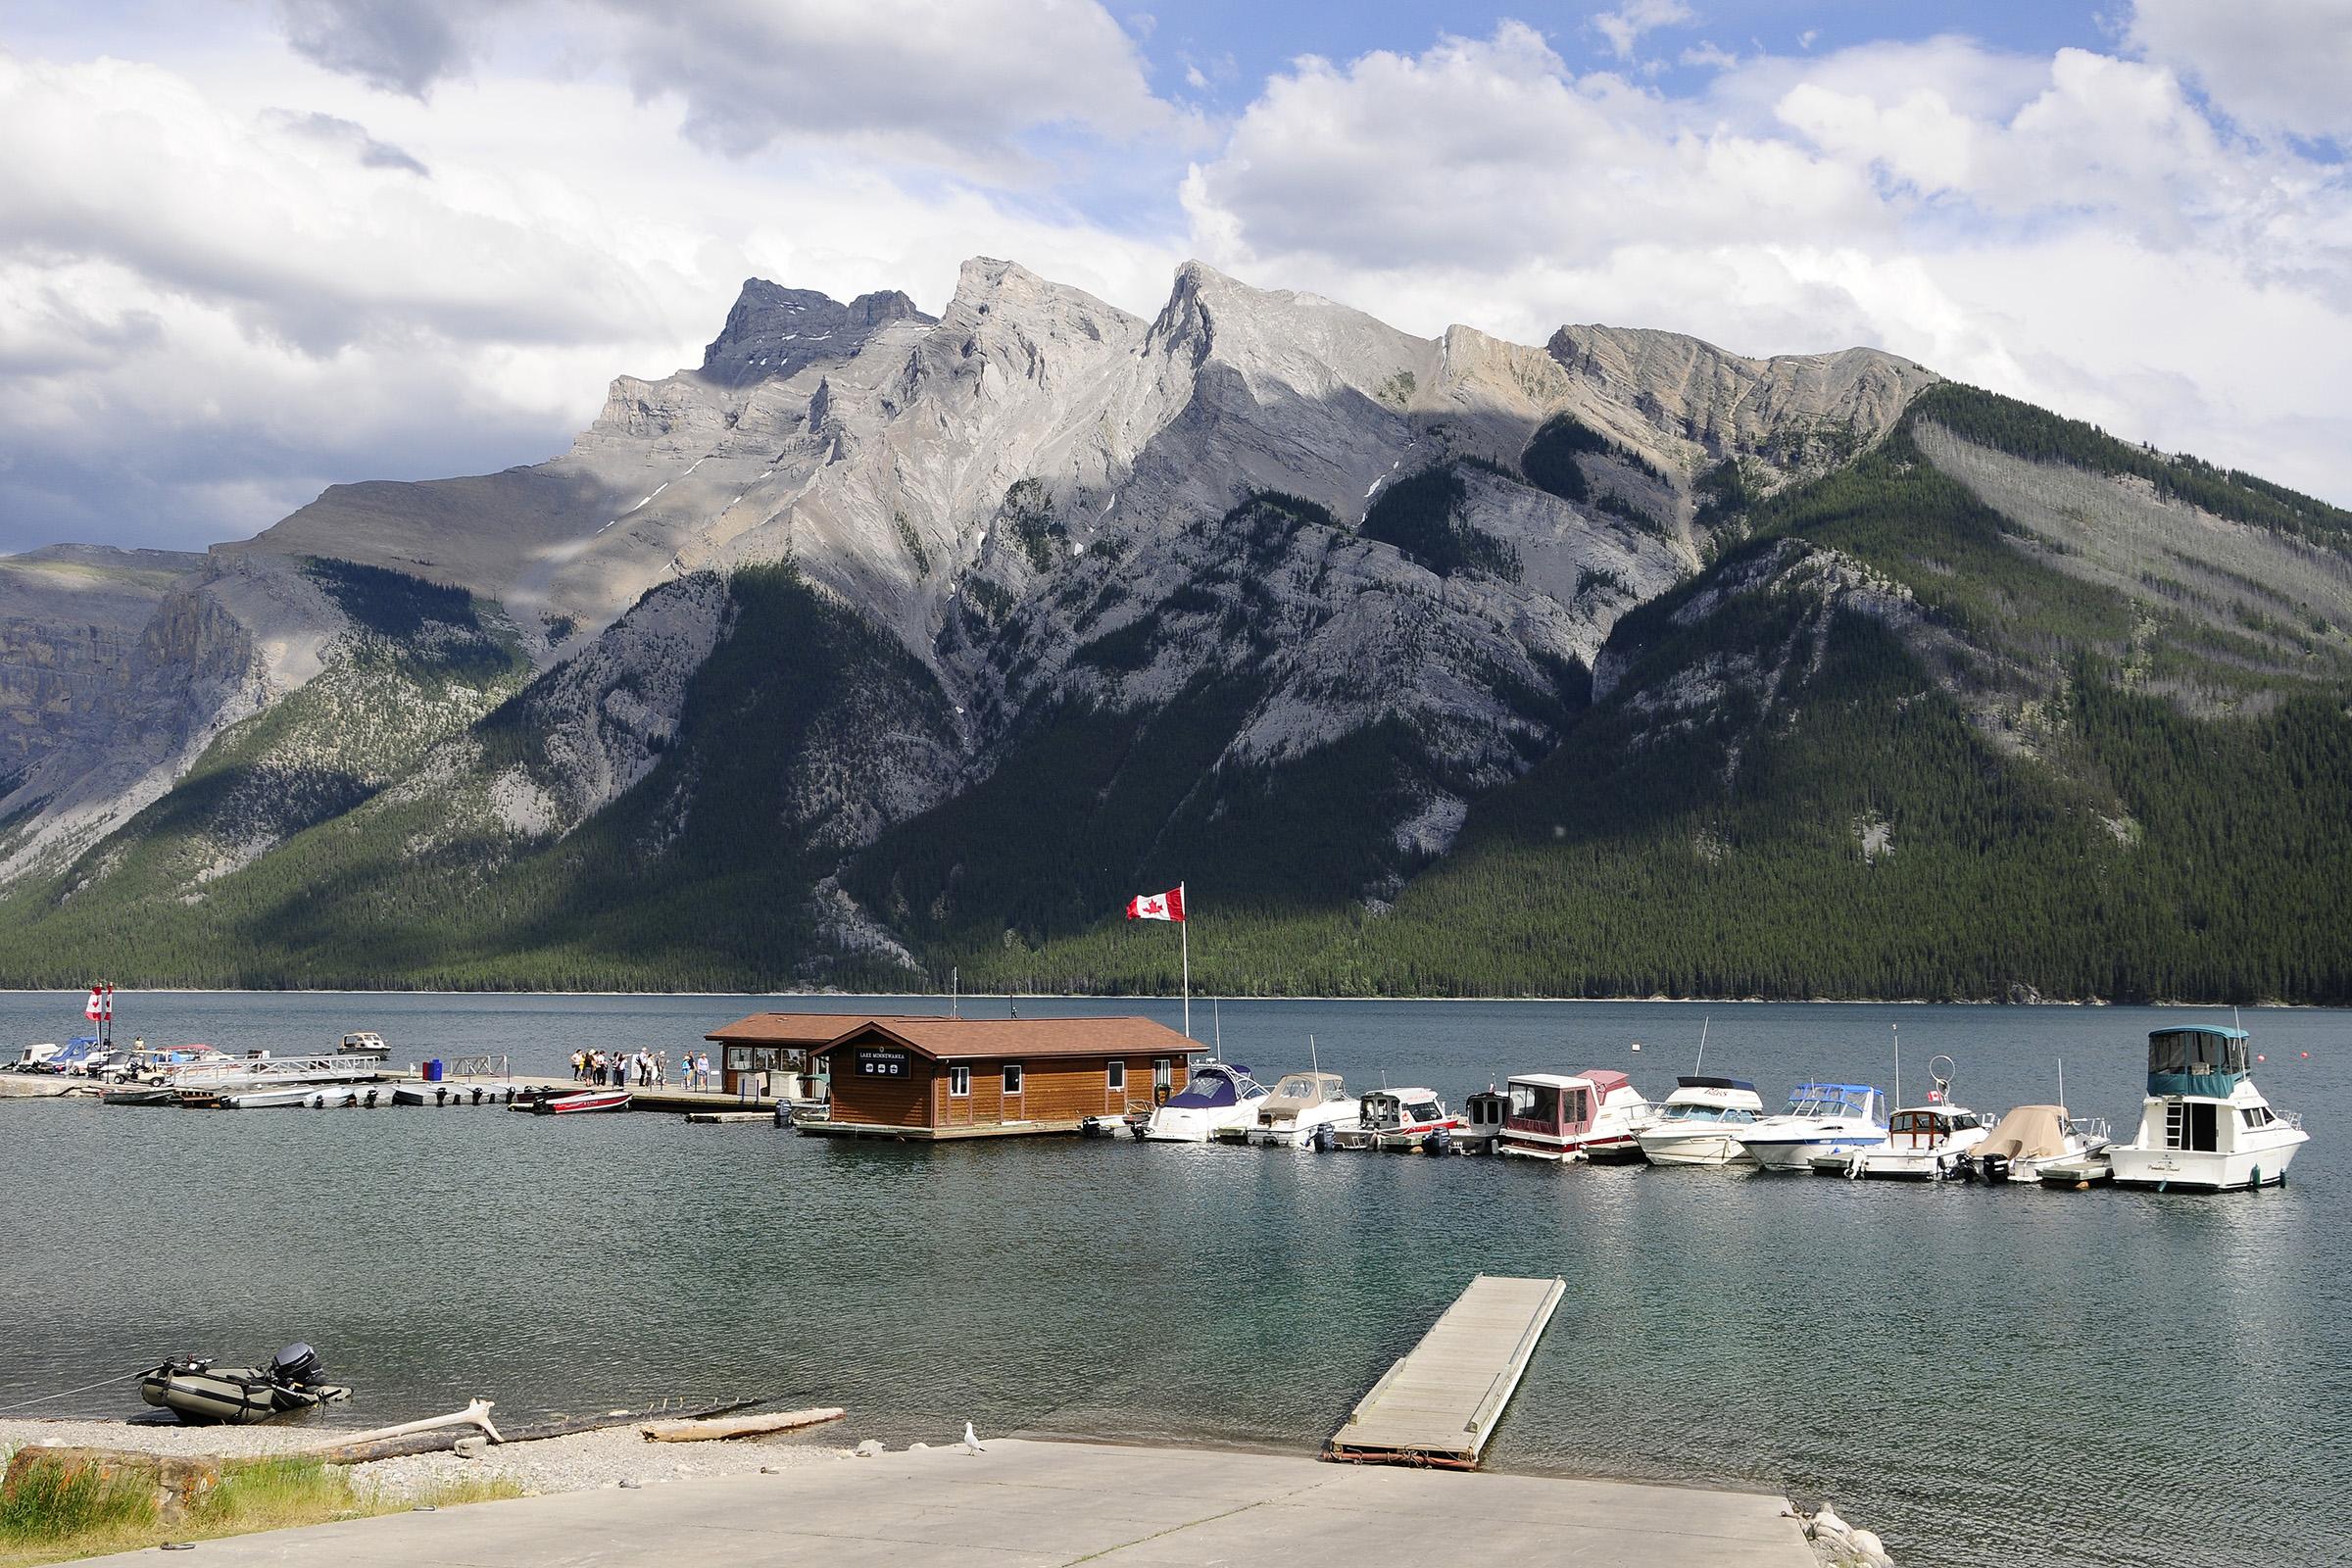 Kanada 2011 (Banff és környéke)